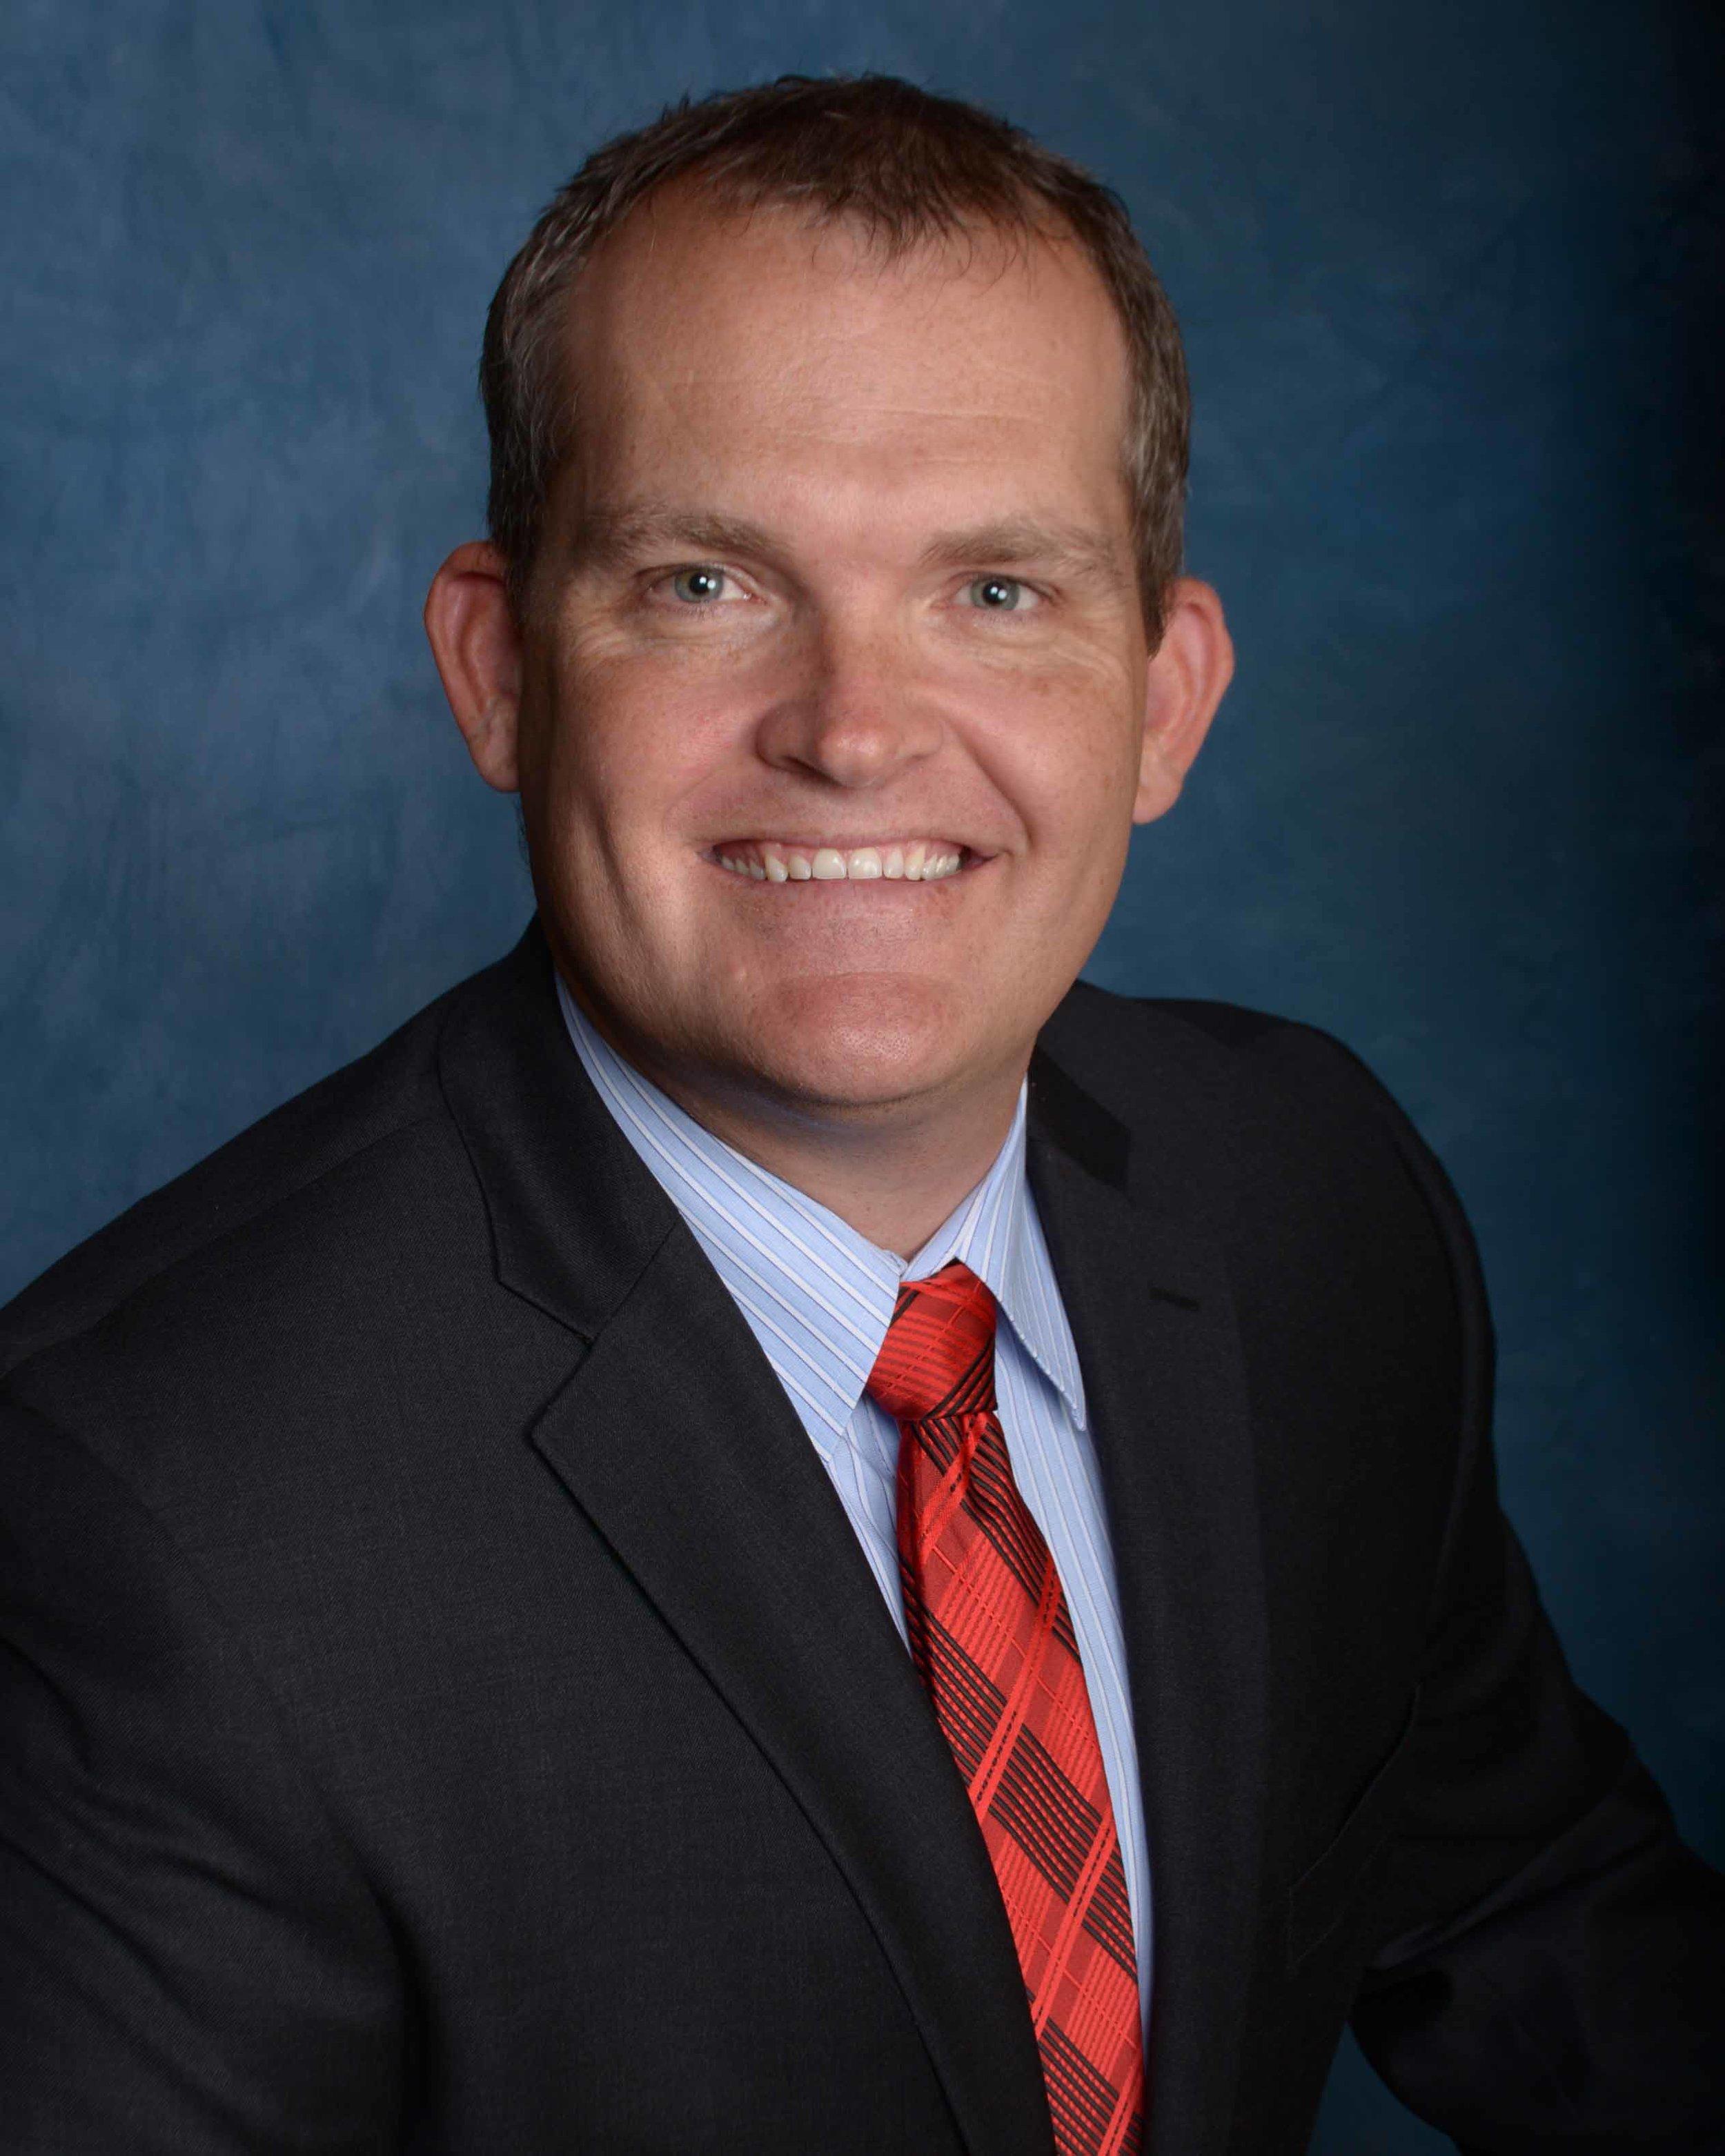 Jason A. Bowman, Louisville, KY Divorce Attorney